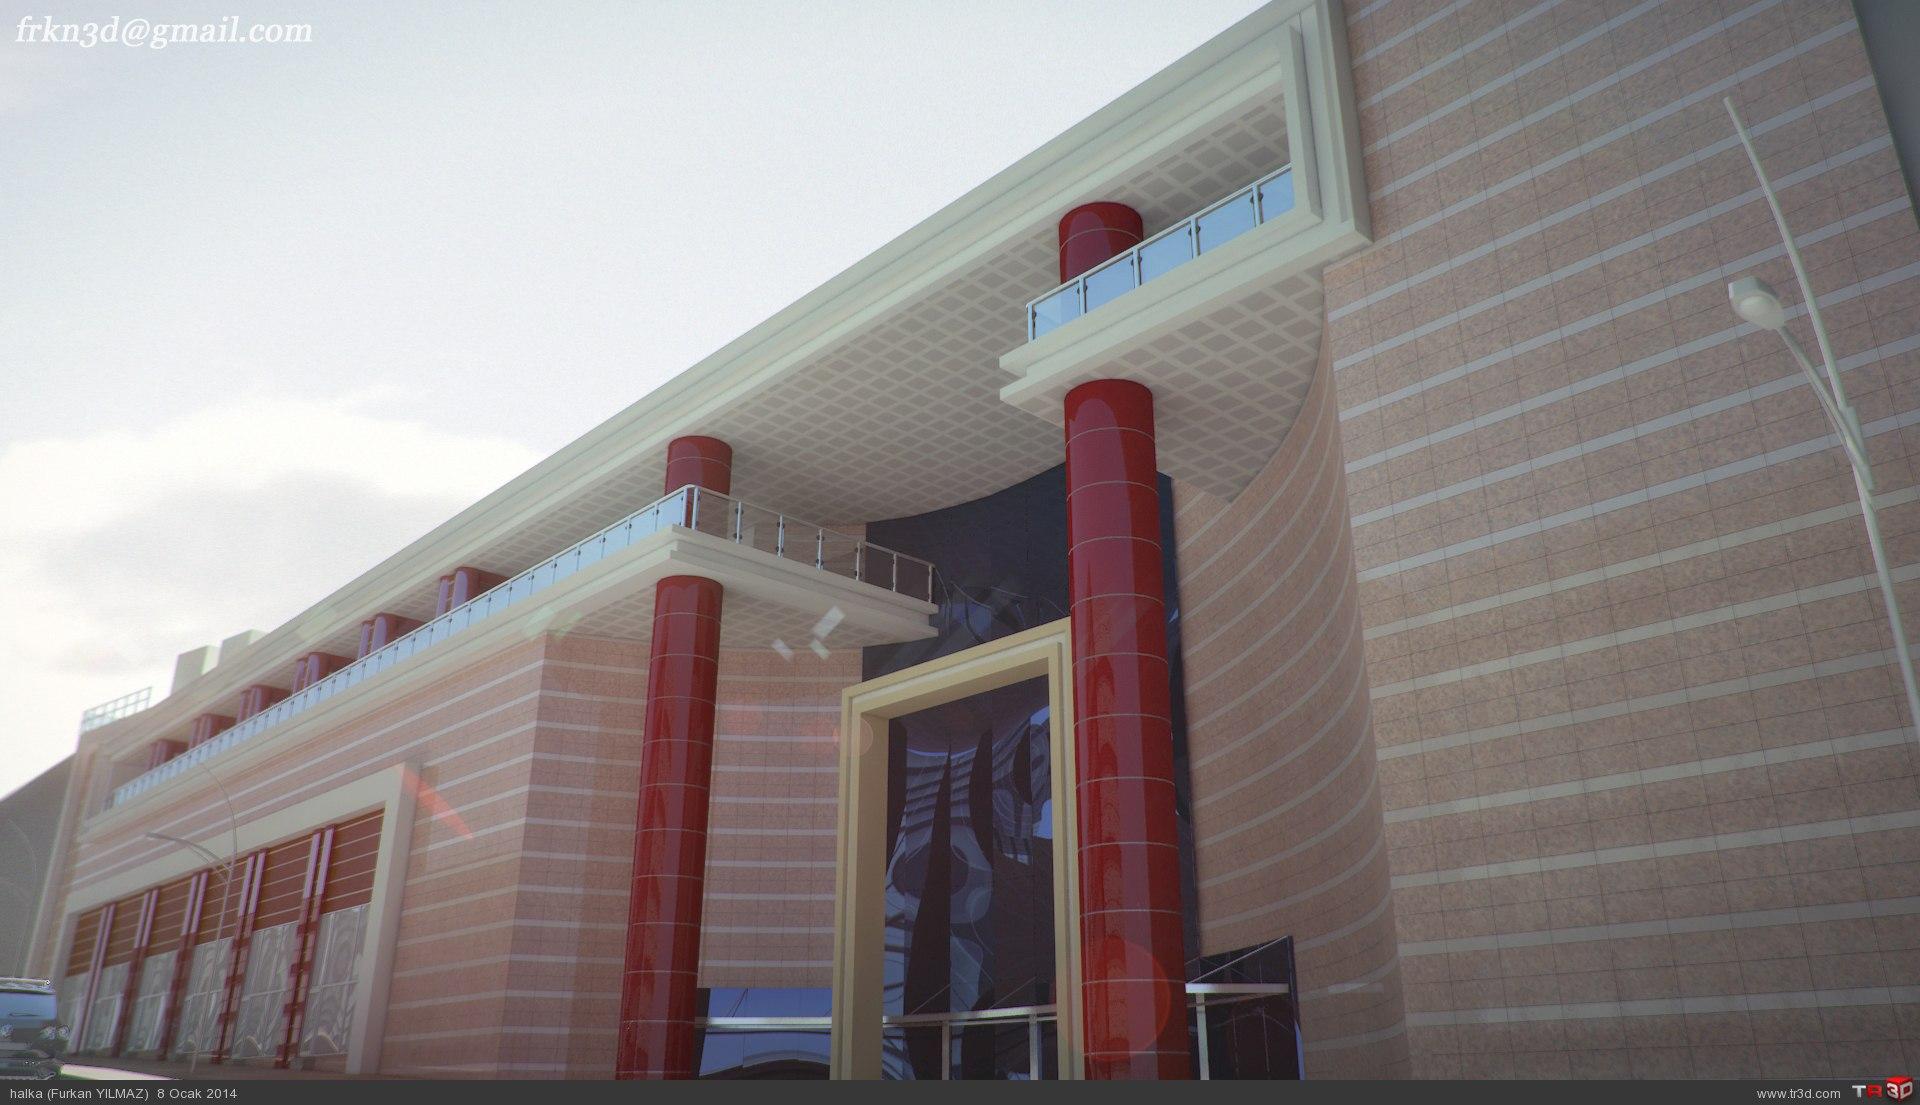 Erzurum Palerium